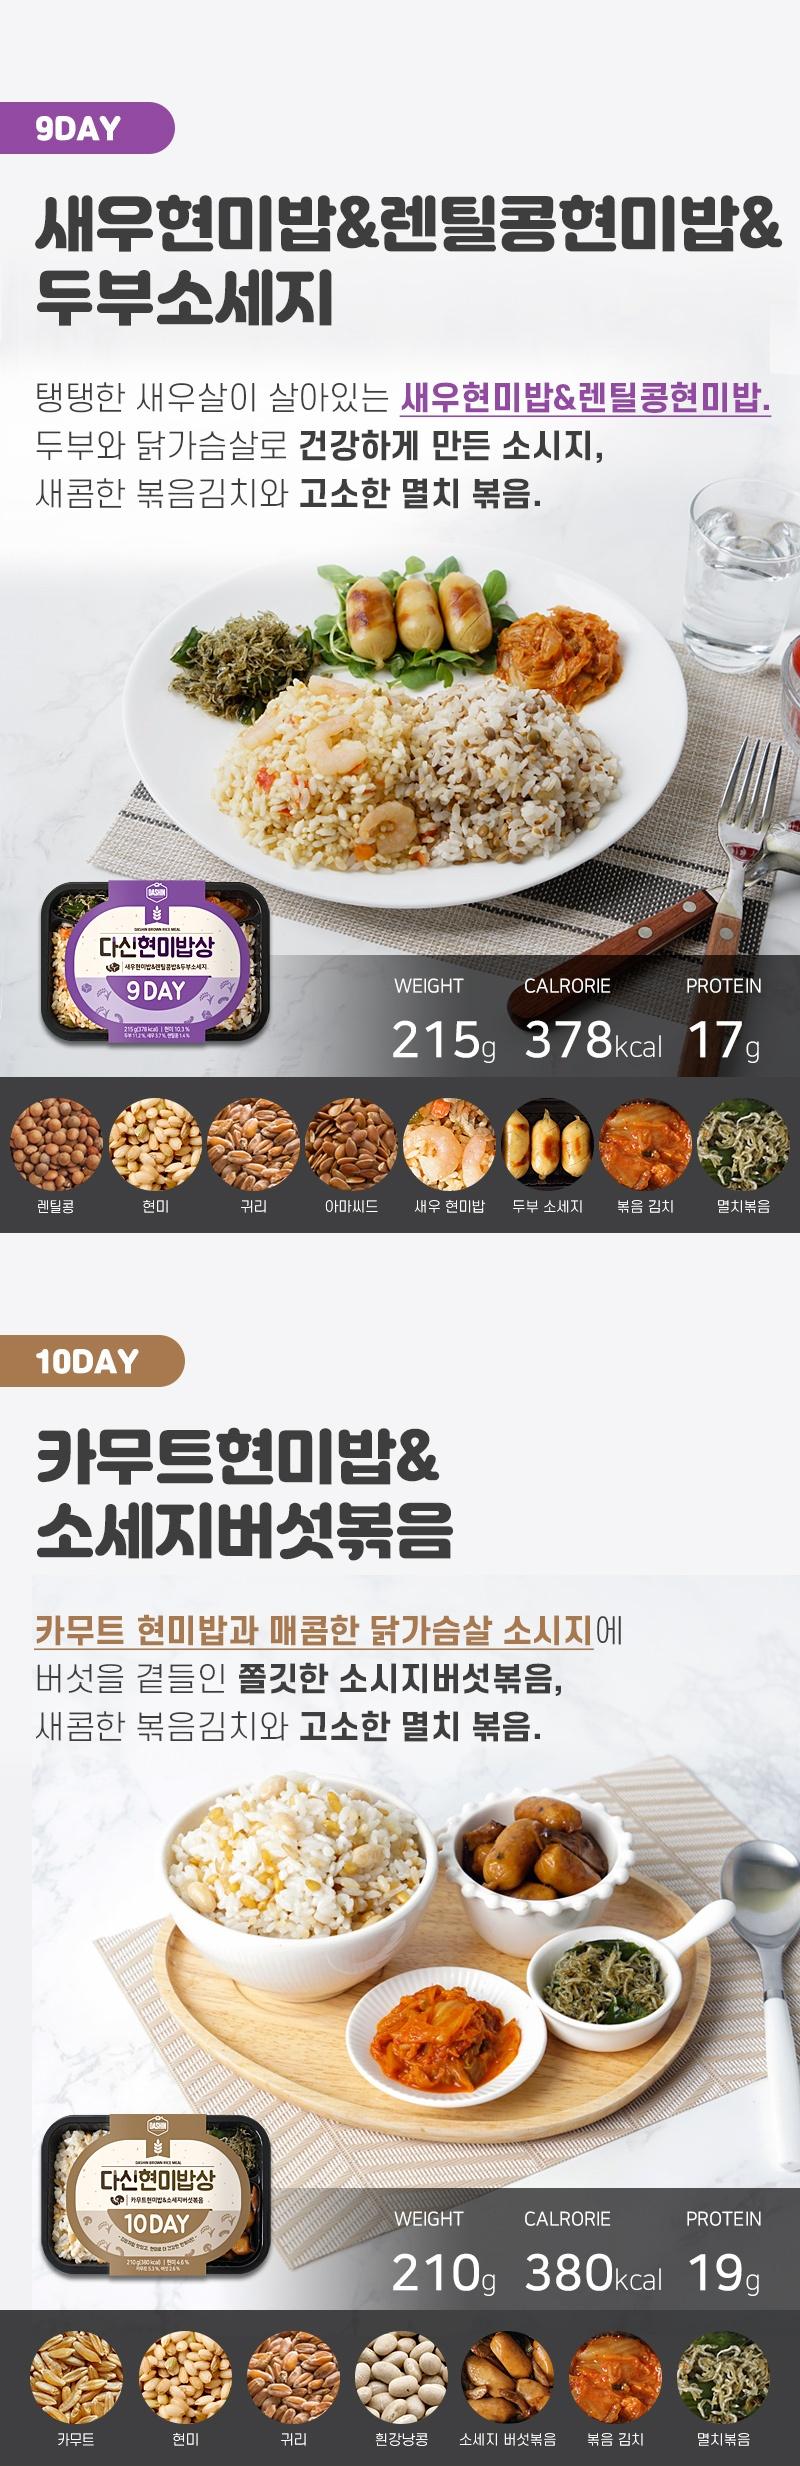 다신 현미밥상 체험단 모집 (09.23~10.06)